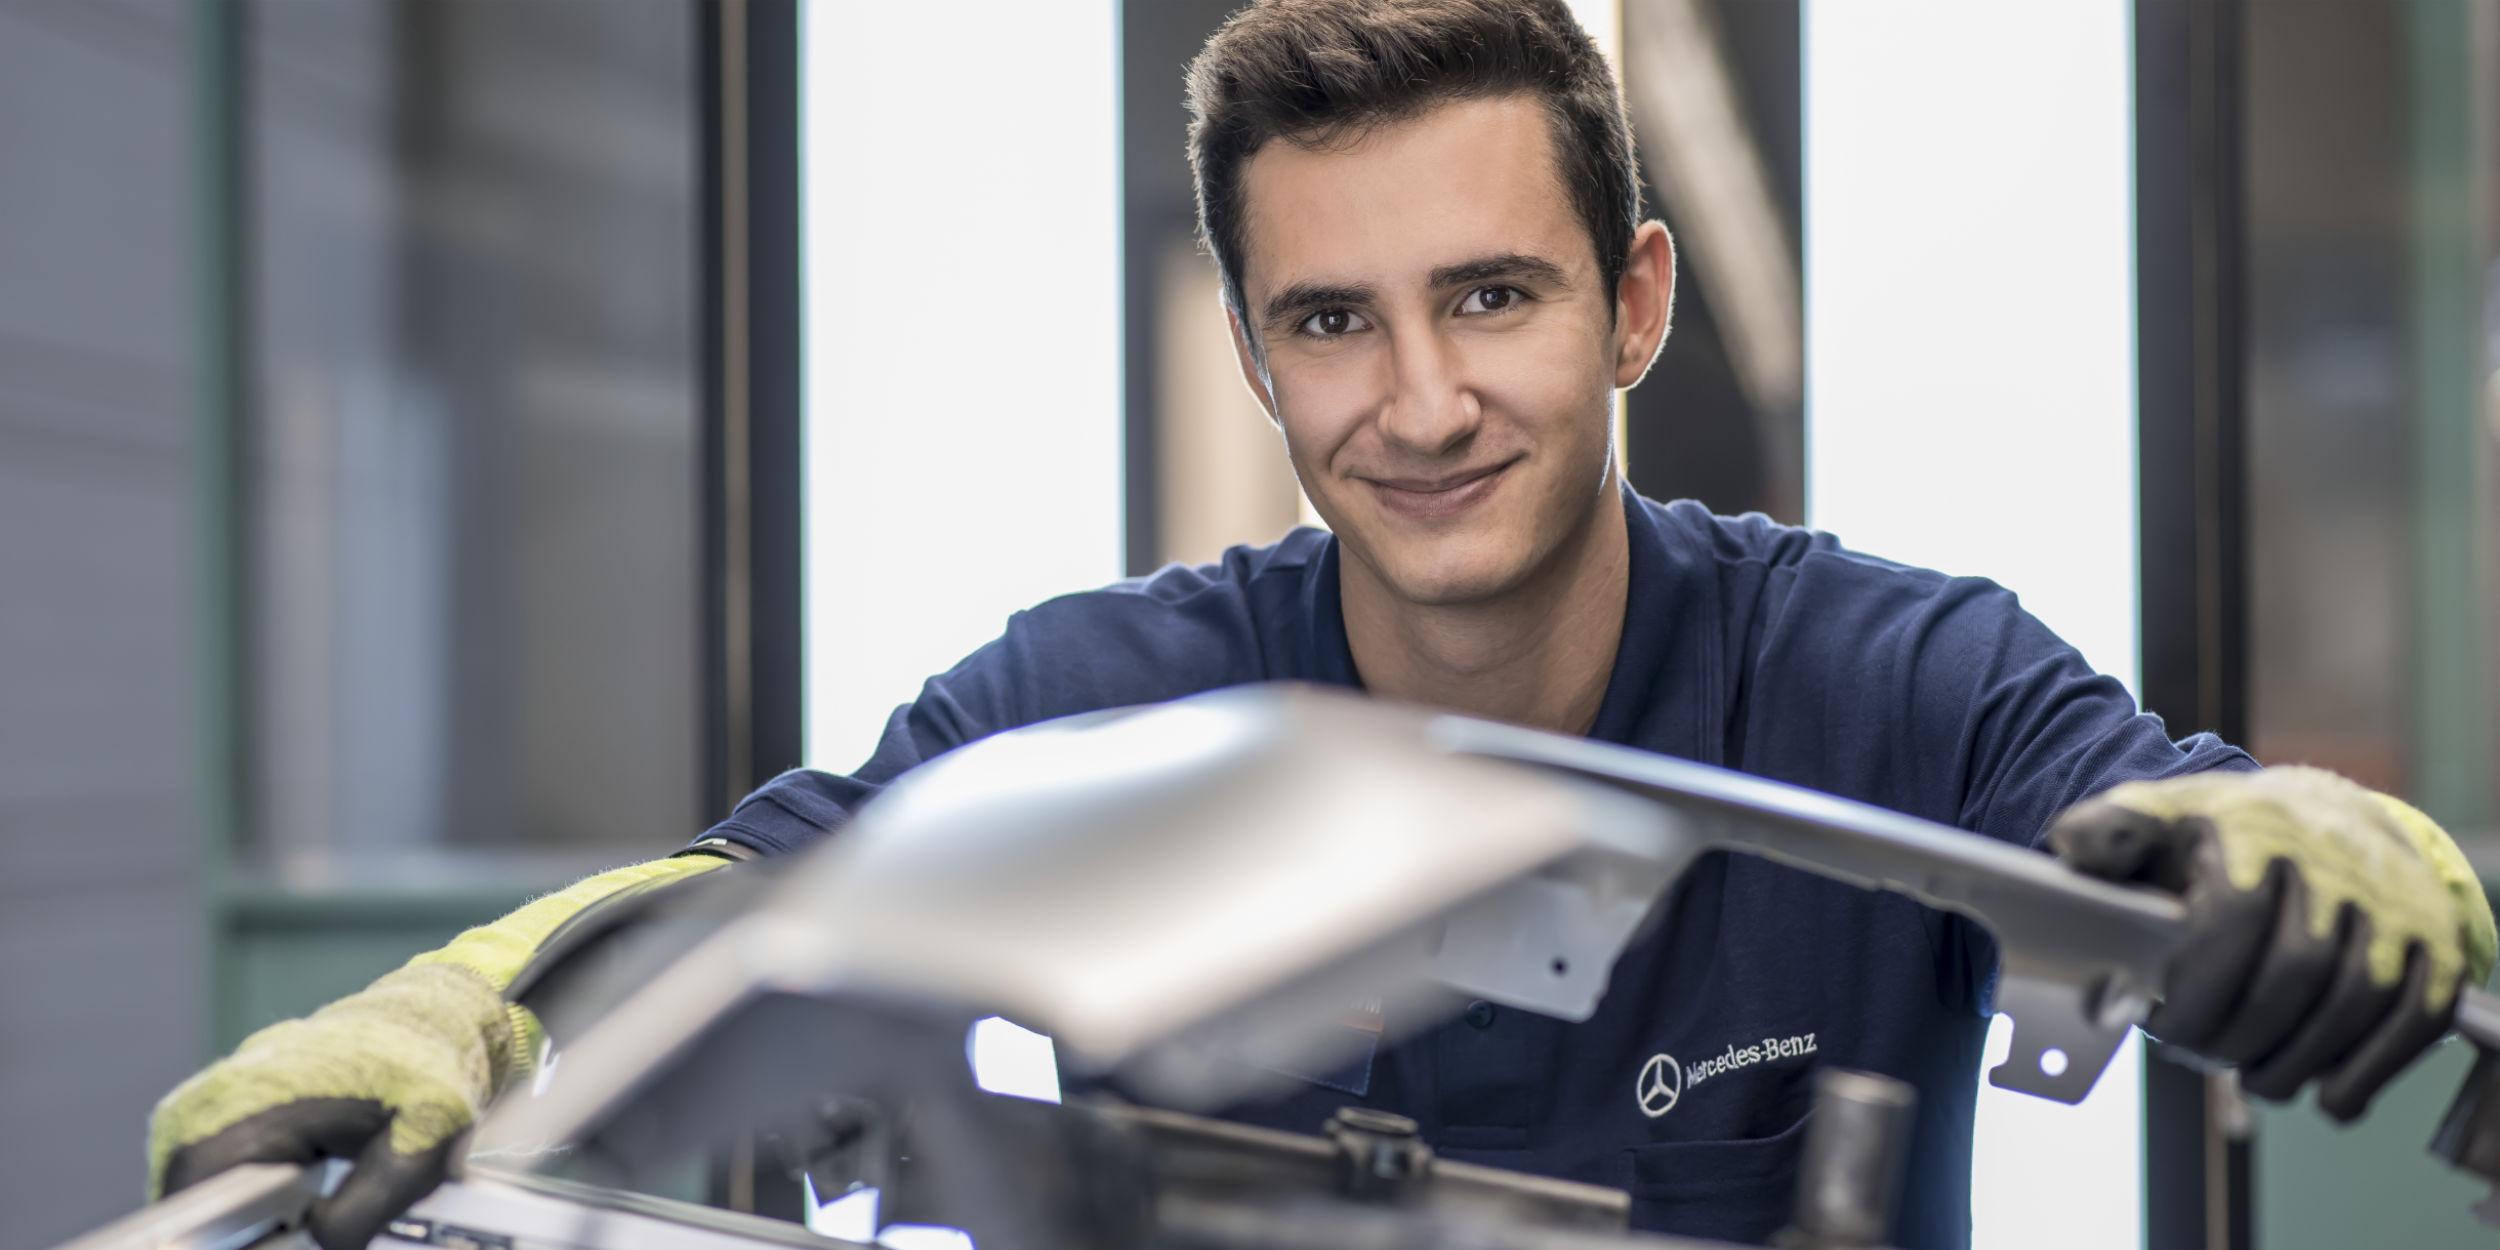 People Fotografie Stuttgart und Umgebung Charakter Portrait Azubi bei Kontrolle eines Pressteils Mercedes Benz Werk Gaggenau